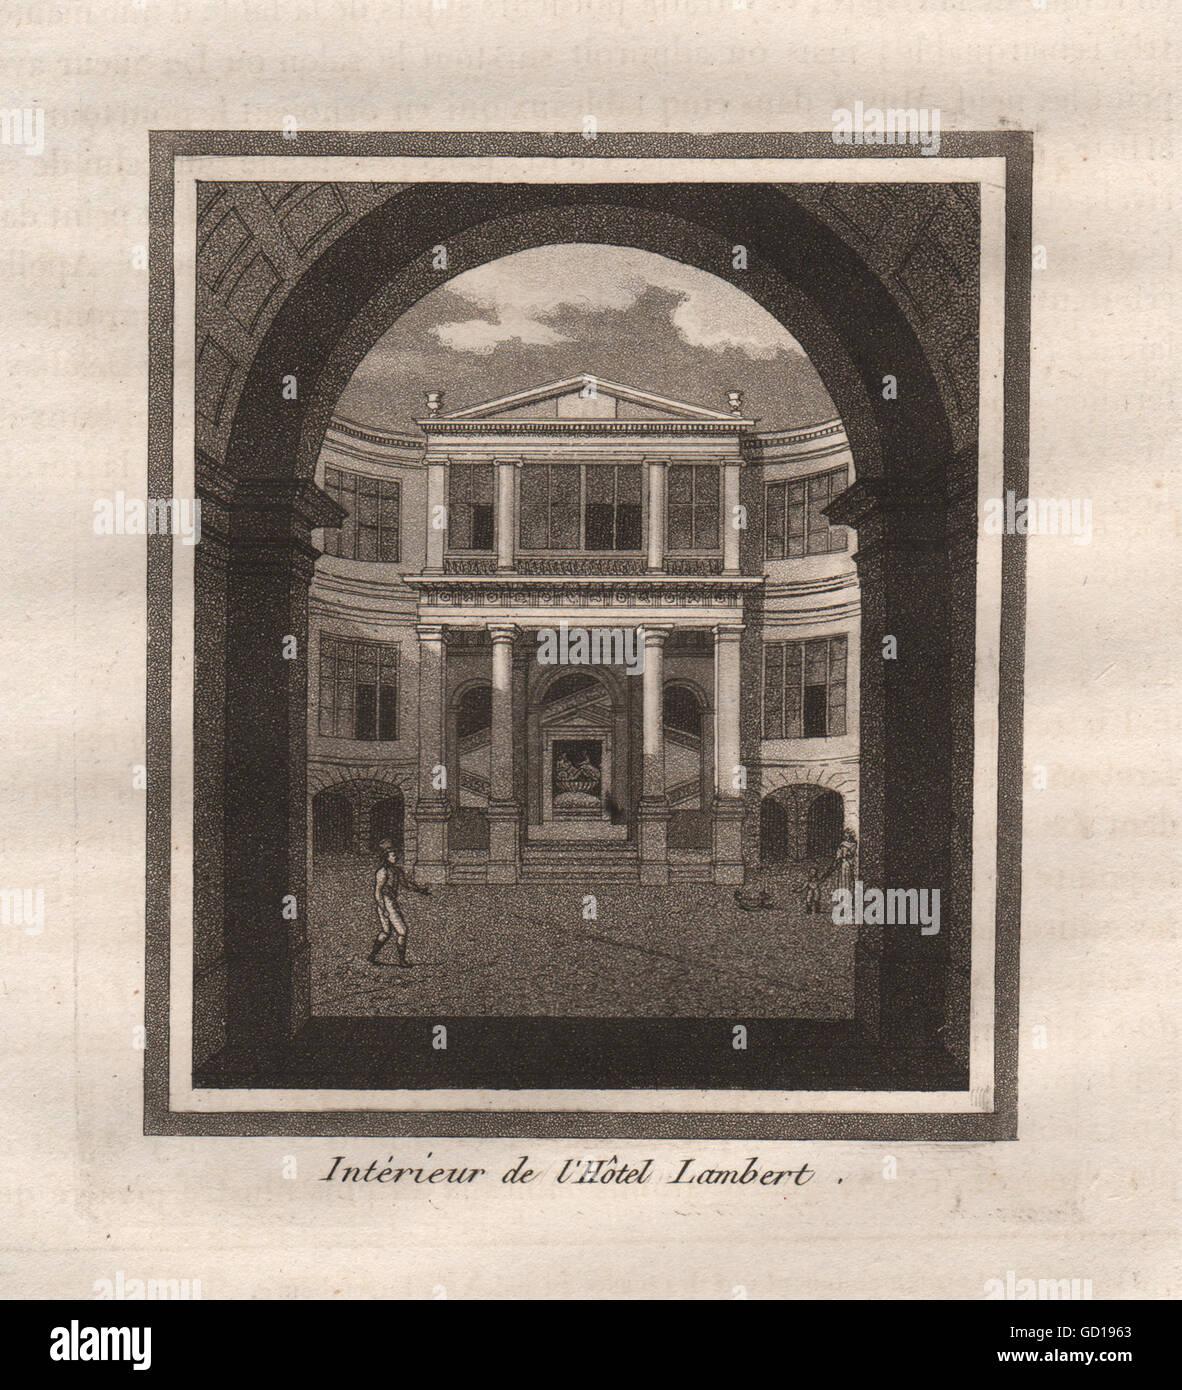 París: Interieur de l'Hôtel Lambert. Aguatinta, grabado antiguo 1808 Foto de stock